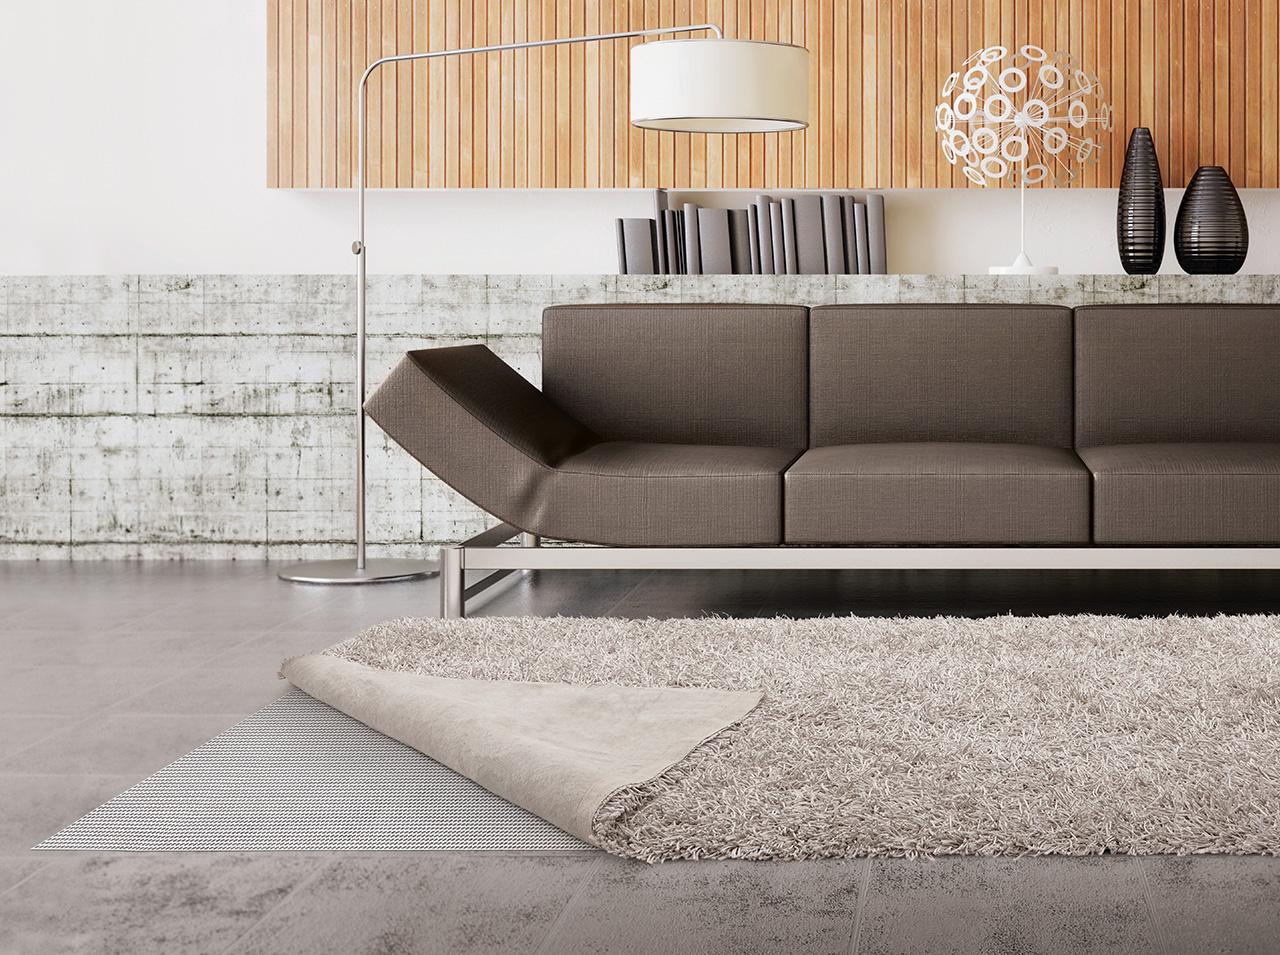 Mata podłogowa d-c-floor® położona pomiędzy podłogą a dywanem zapobiegnie jego poślizgom.